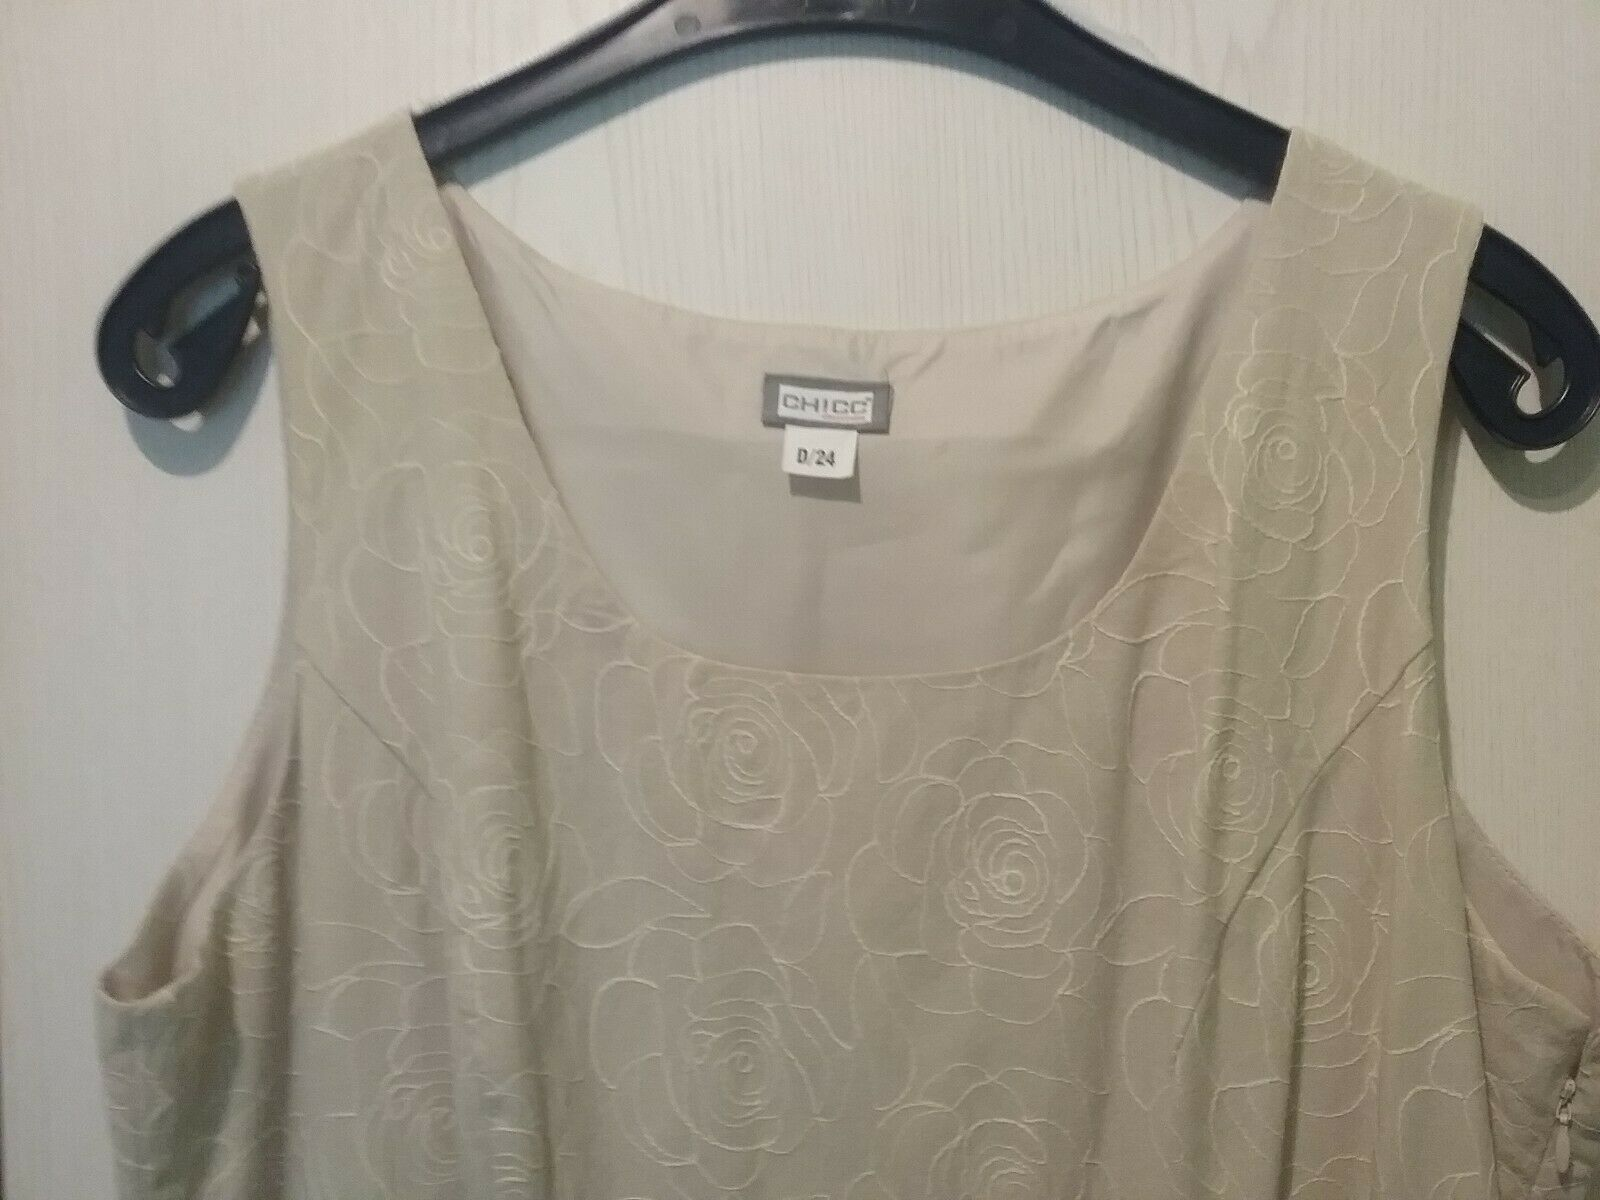 Superchices Damenkleid festliche Anlässe Gr. 14 beige Muster